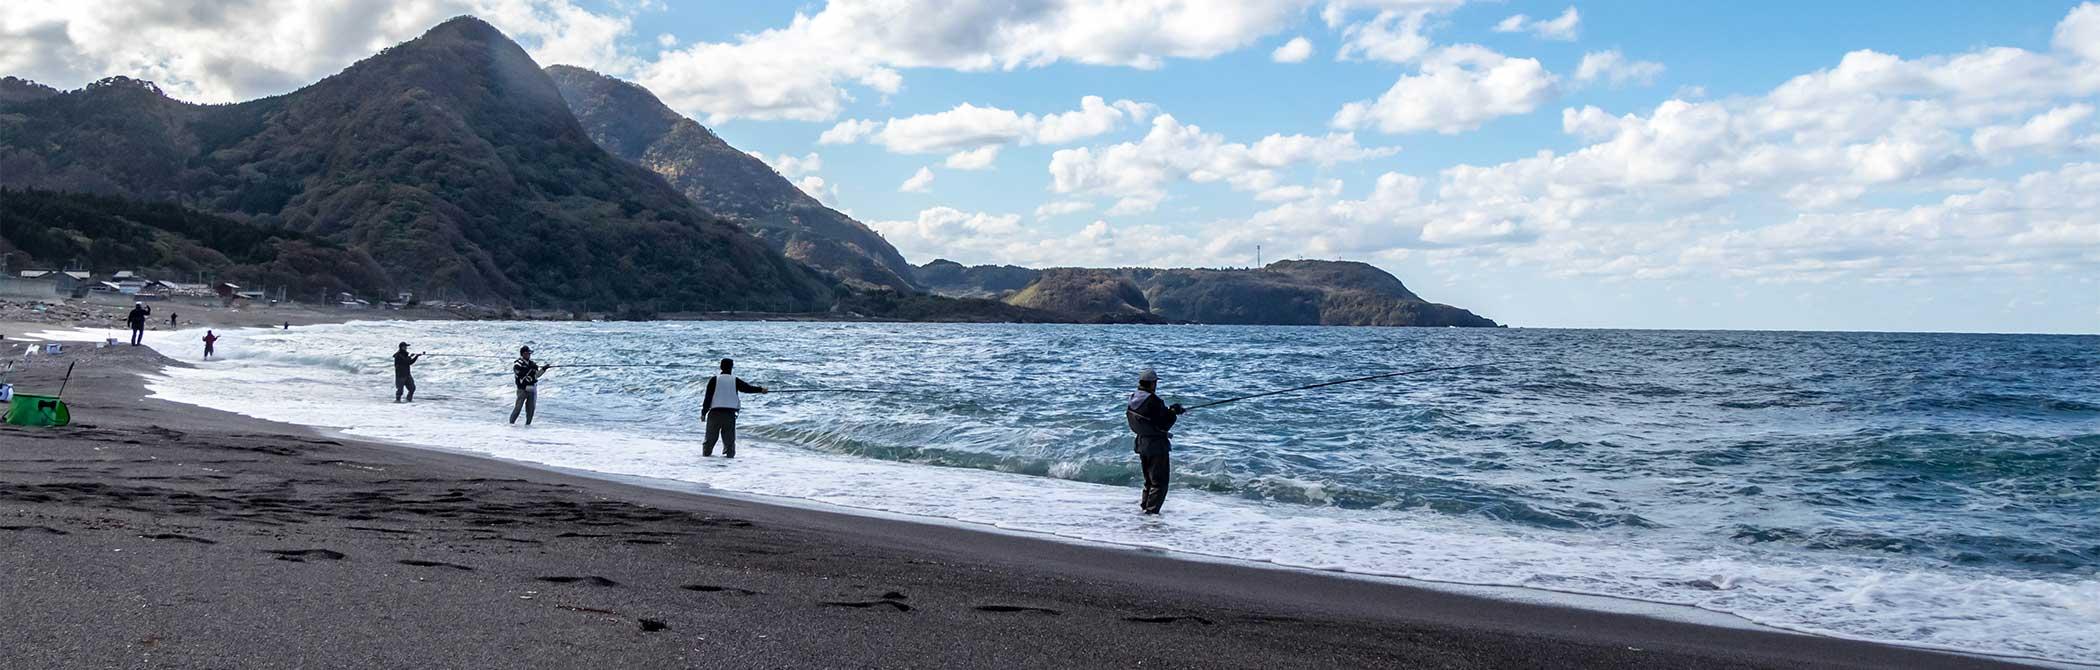 岩谷口海岸での釣り